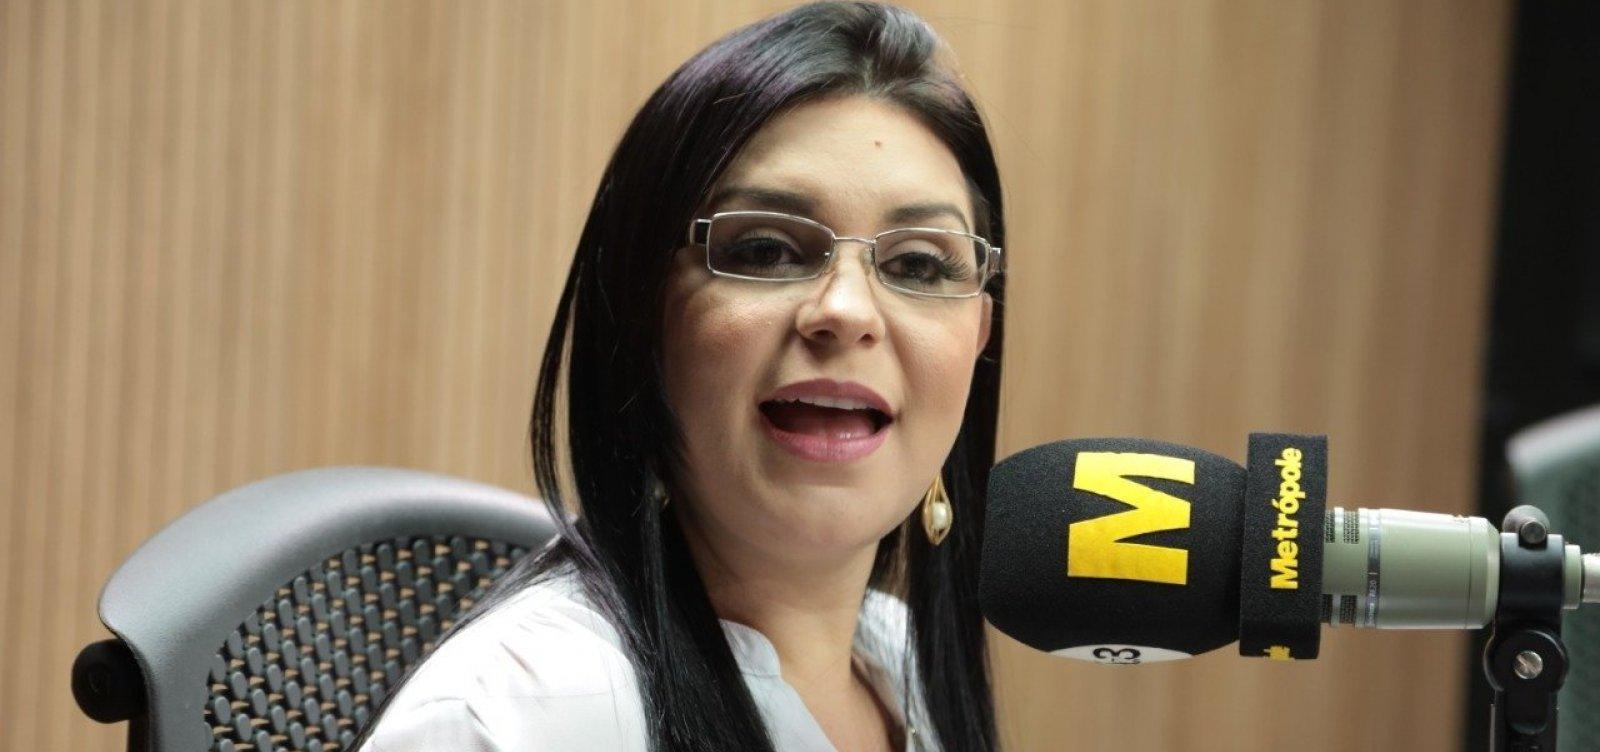 Não sou traidora, me sinto traída, diz Dayane após crise do PSL